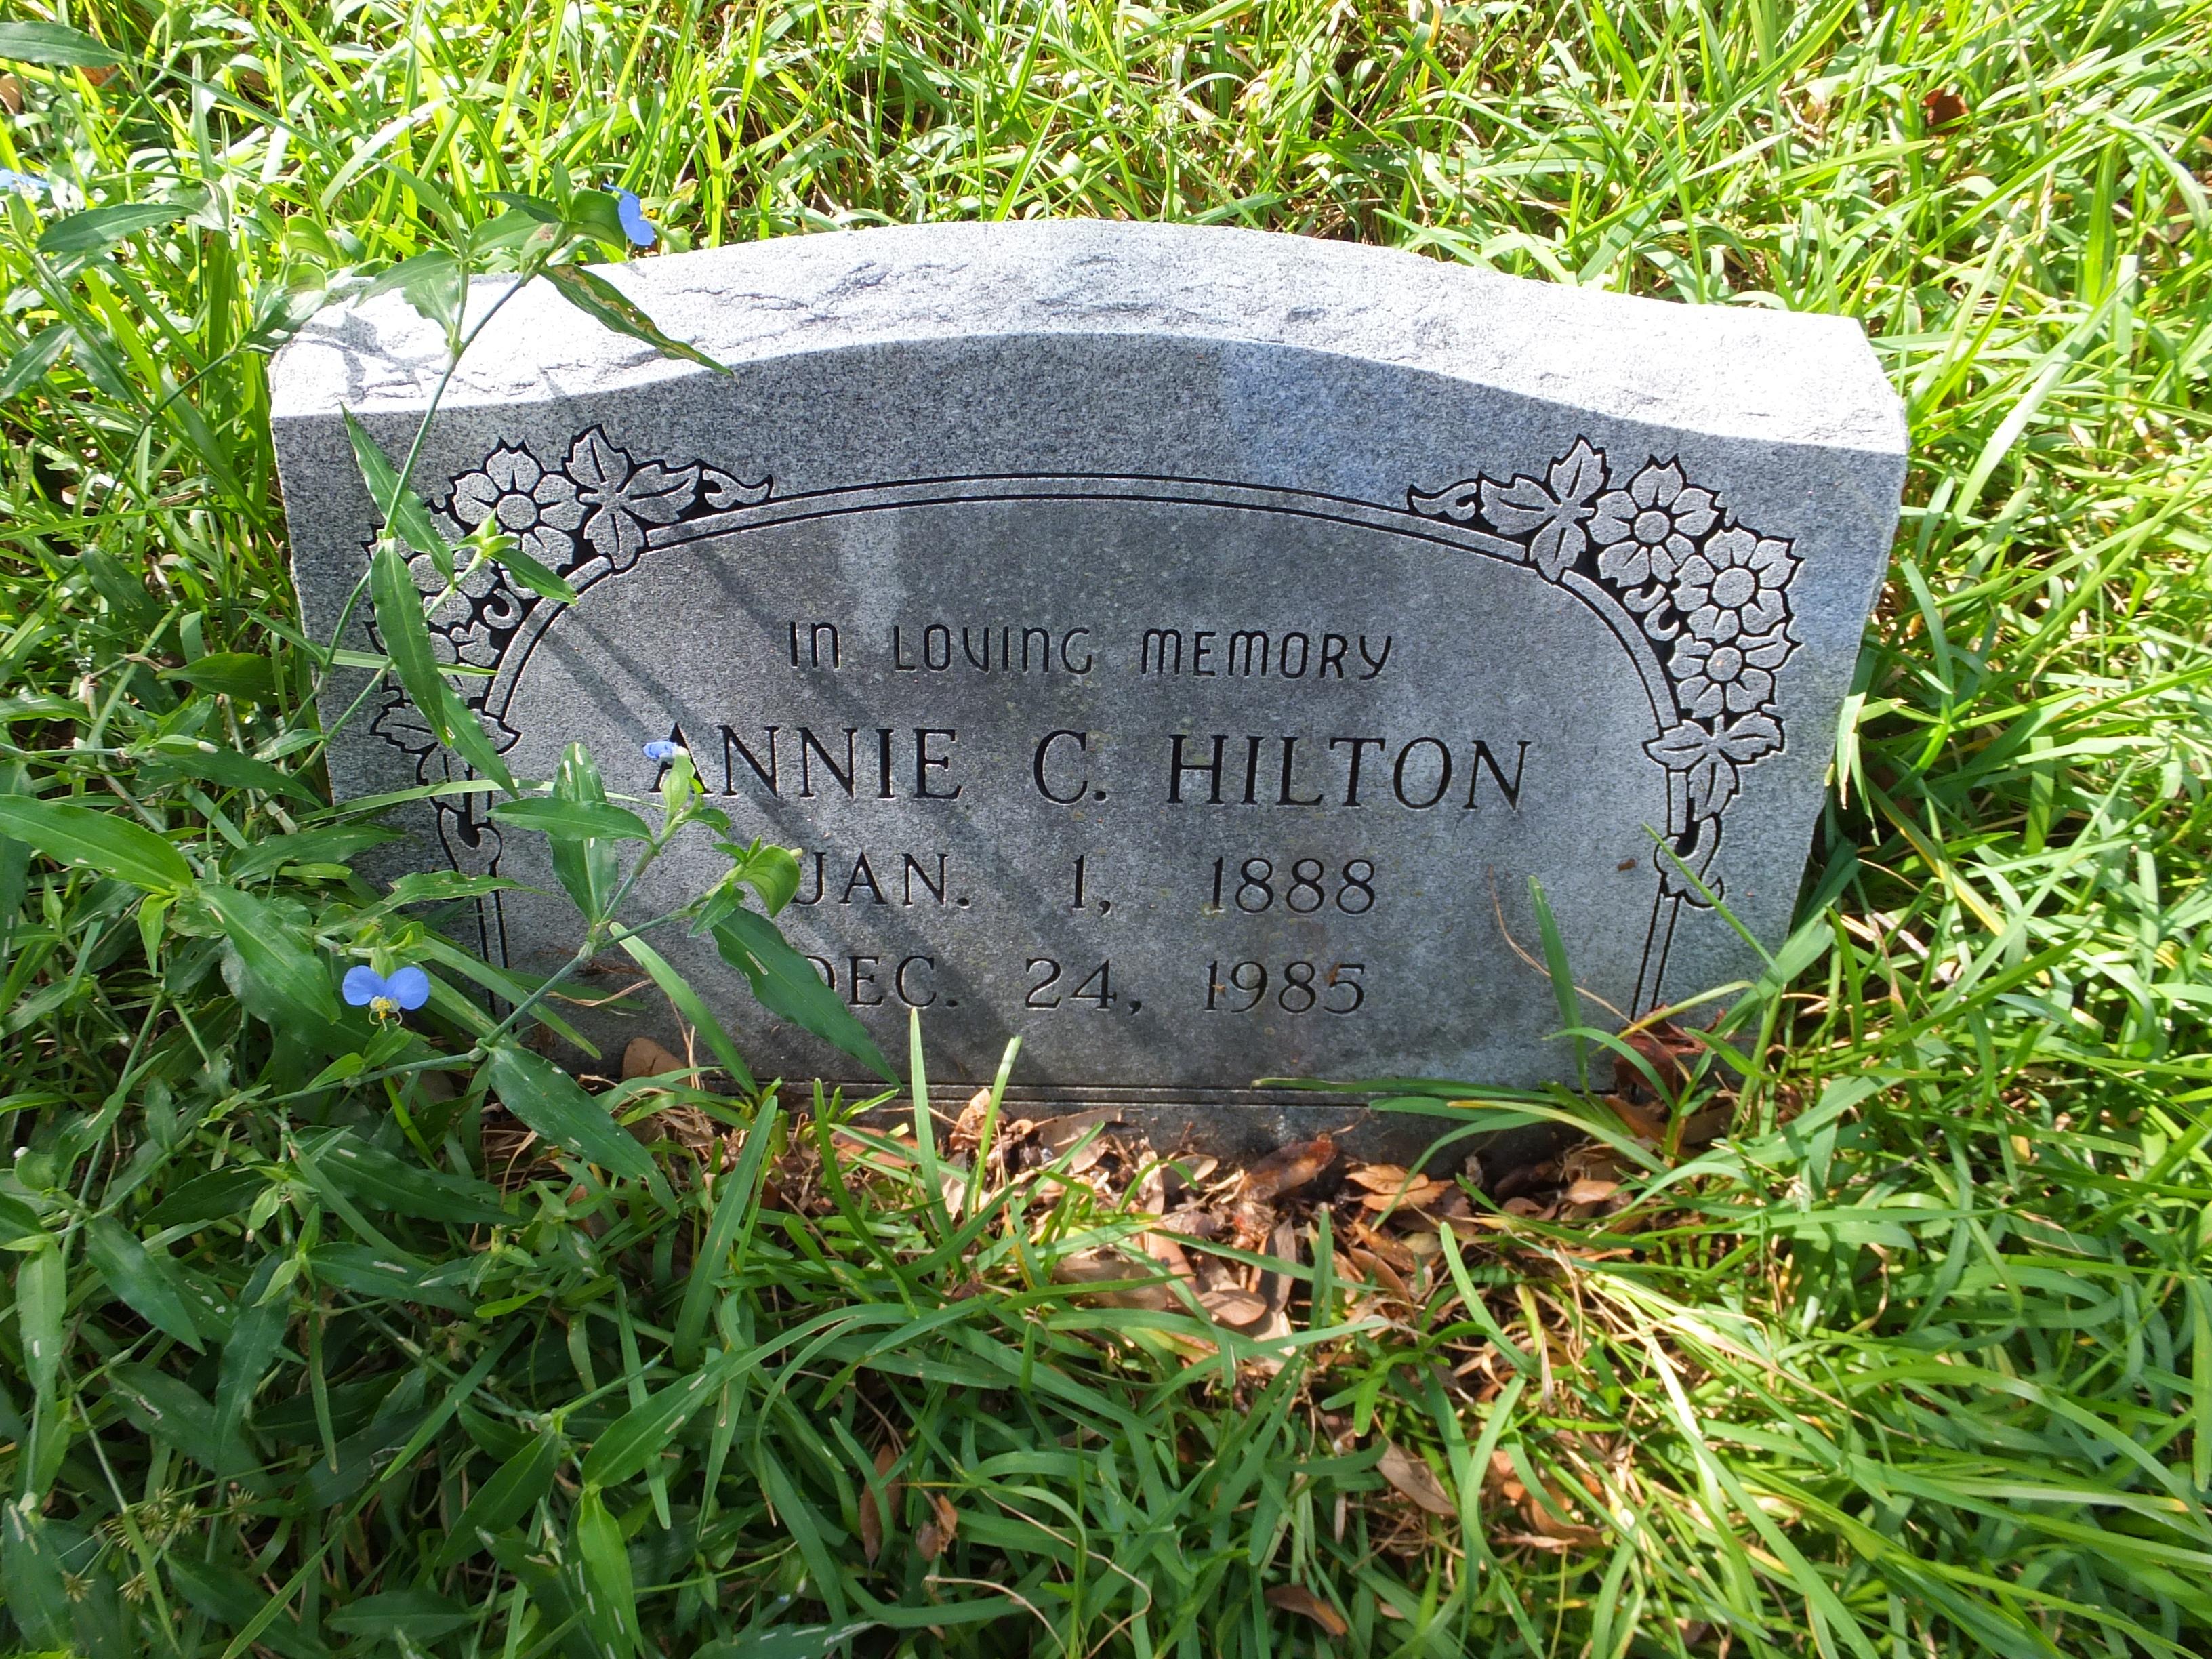 Annie C. Hilton